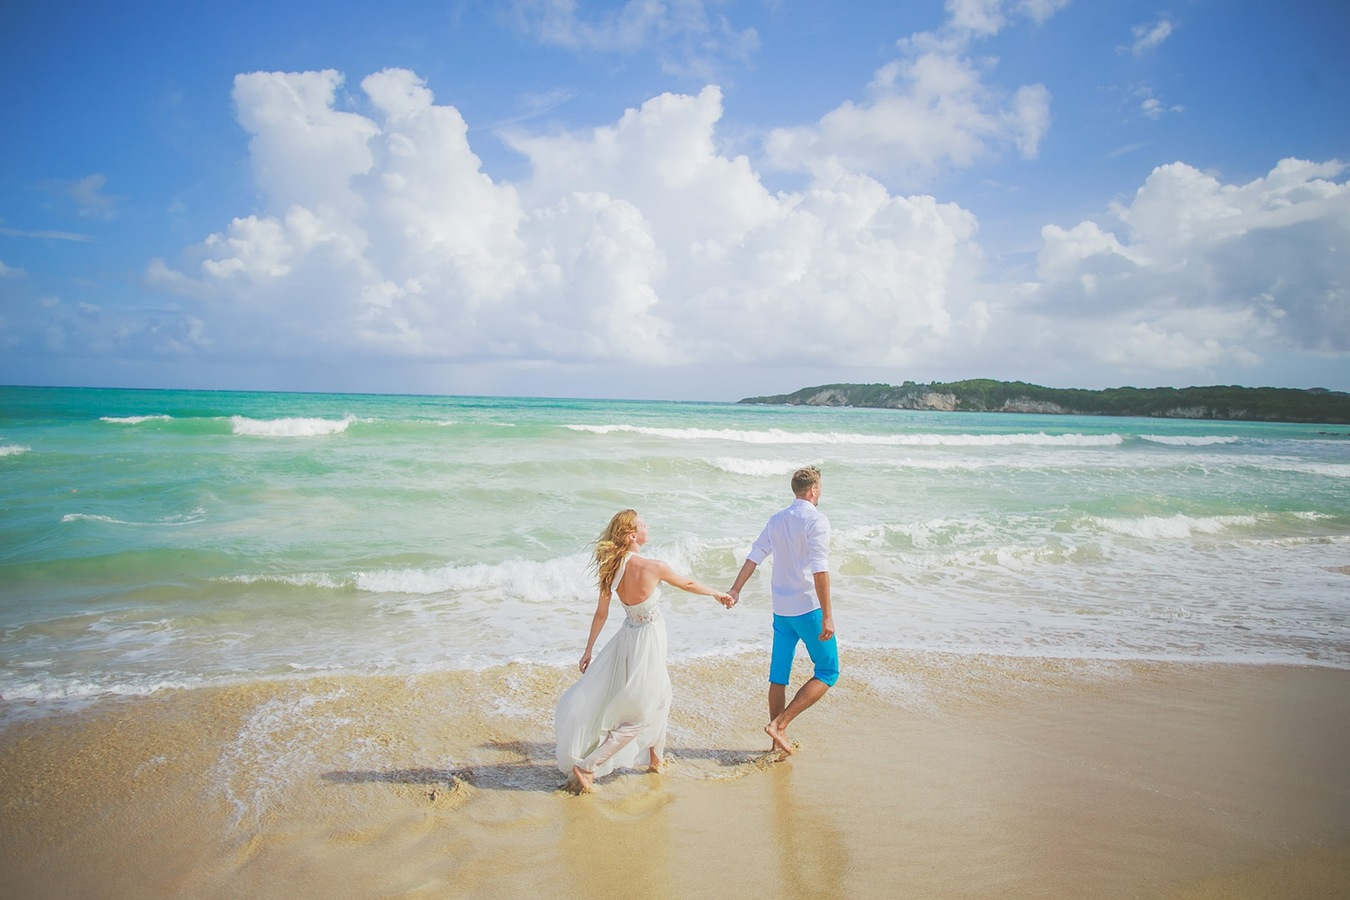 Доминикана пляж макао фото